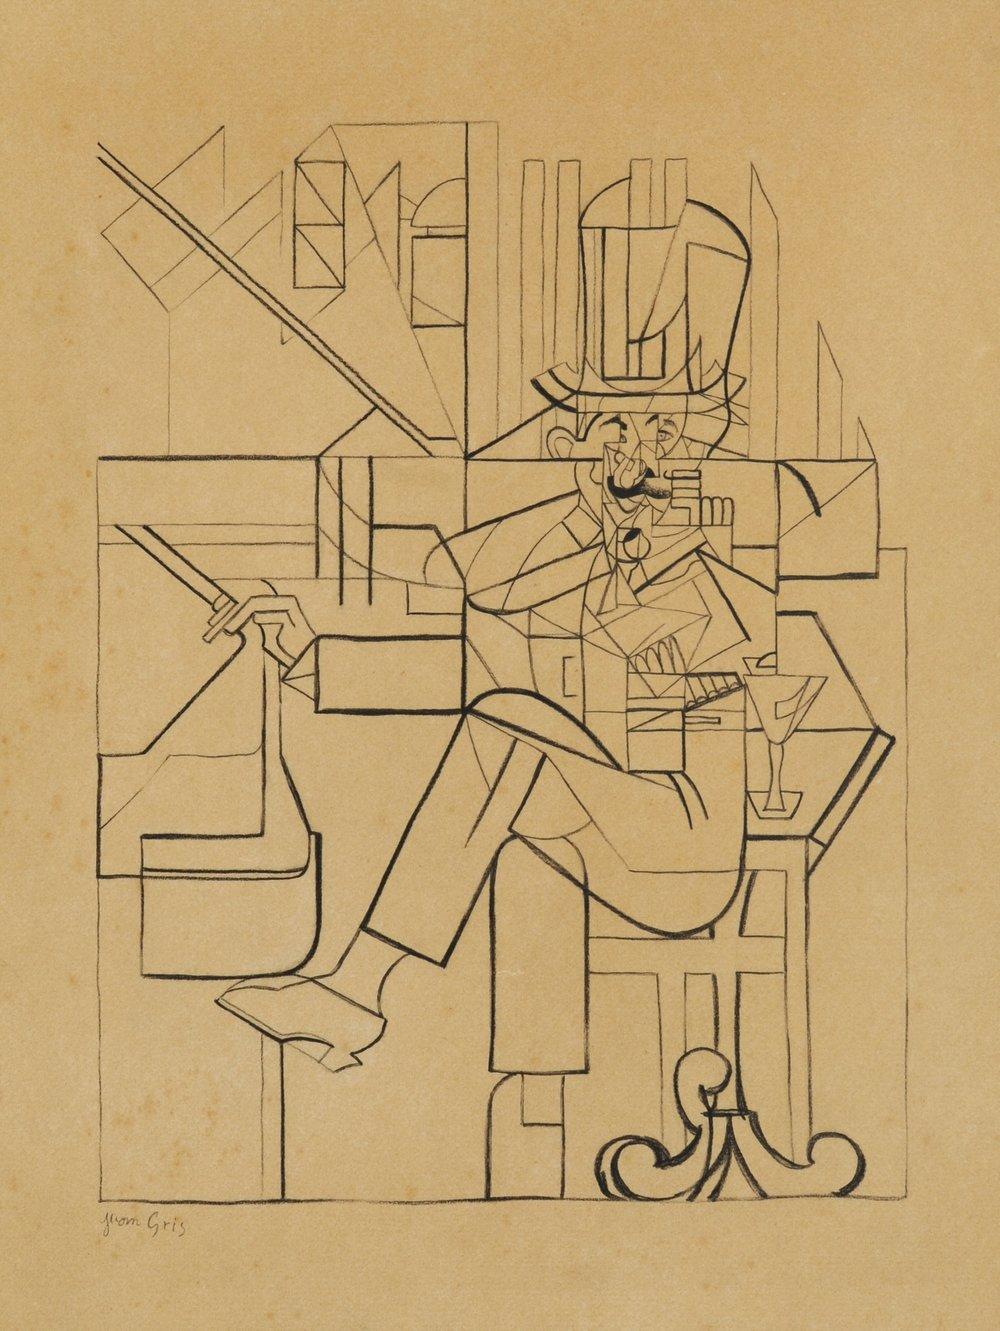 Juan Gris, l'Homme au Cafe, 1912